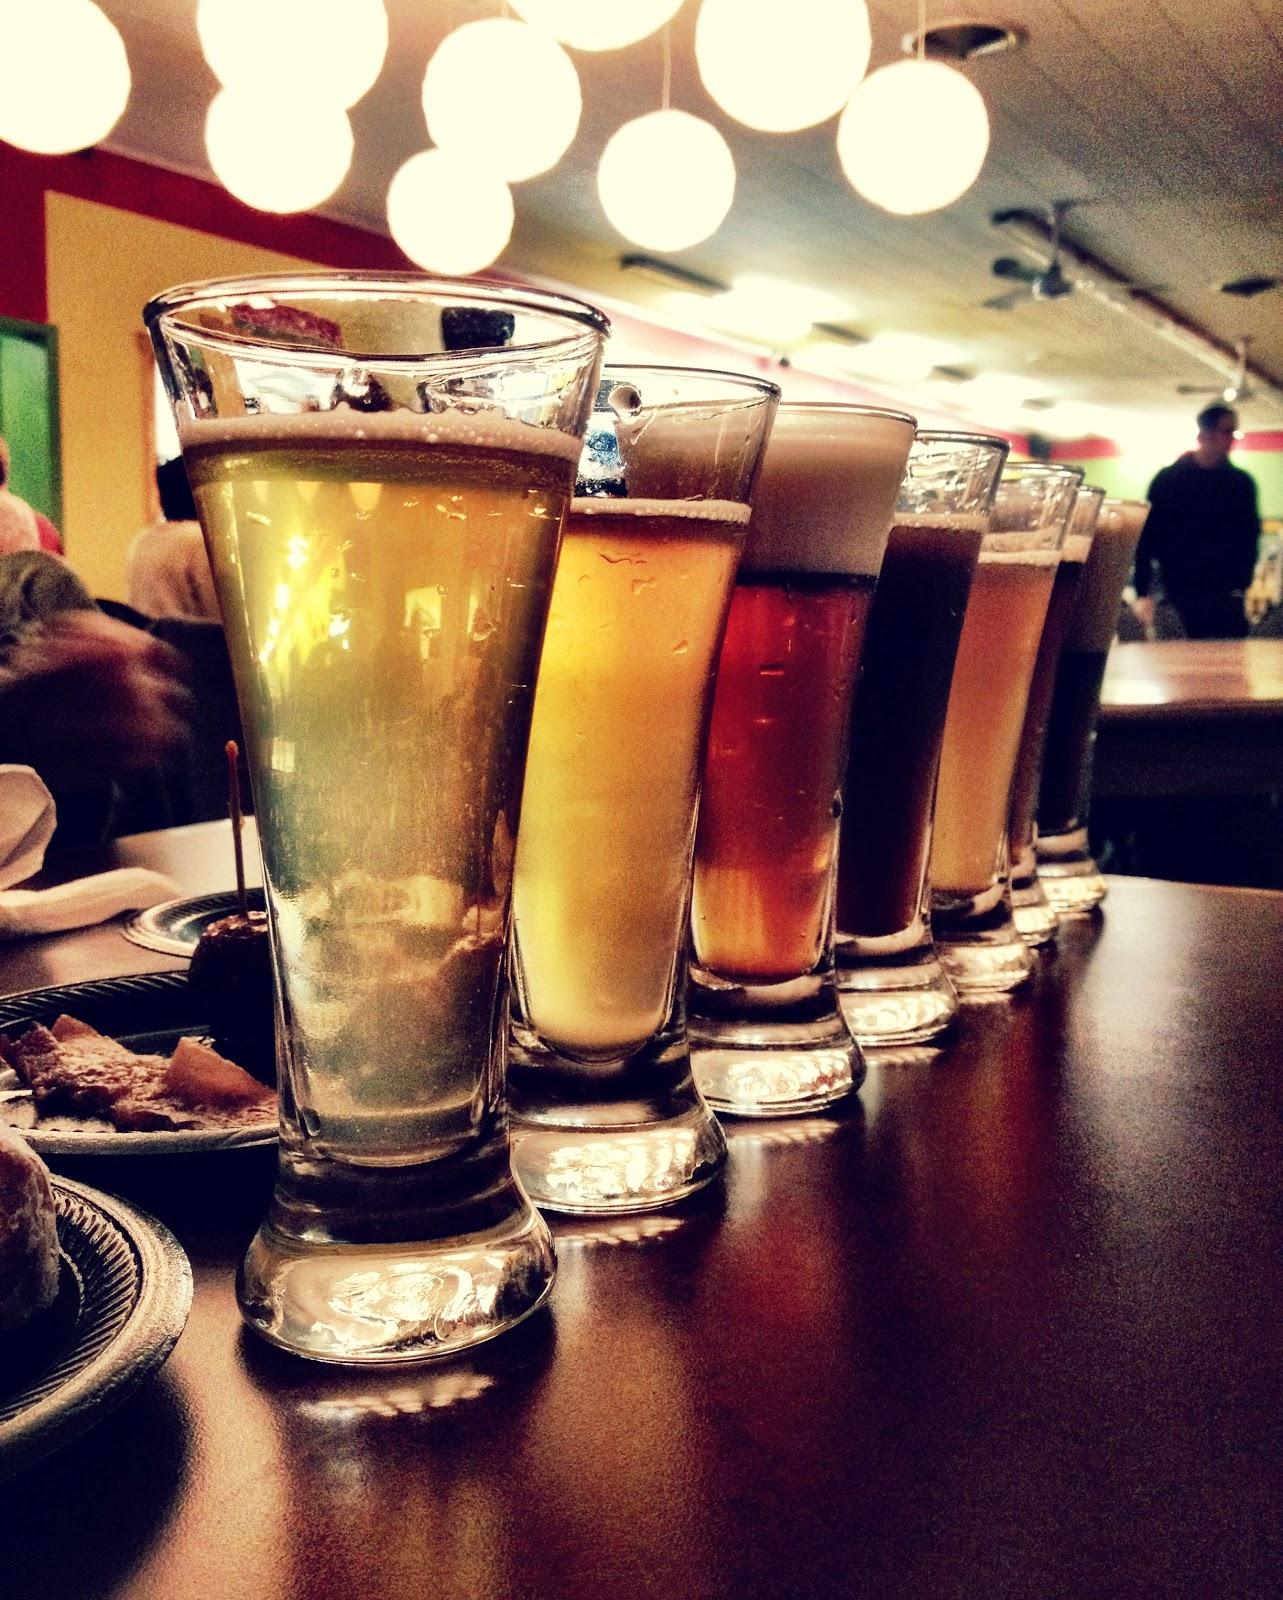 Beer Cheers Anyways, cheers for bad beer